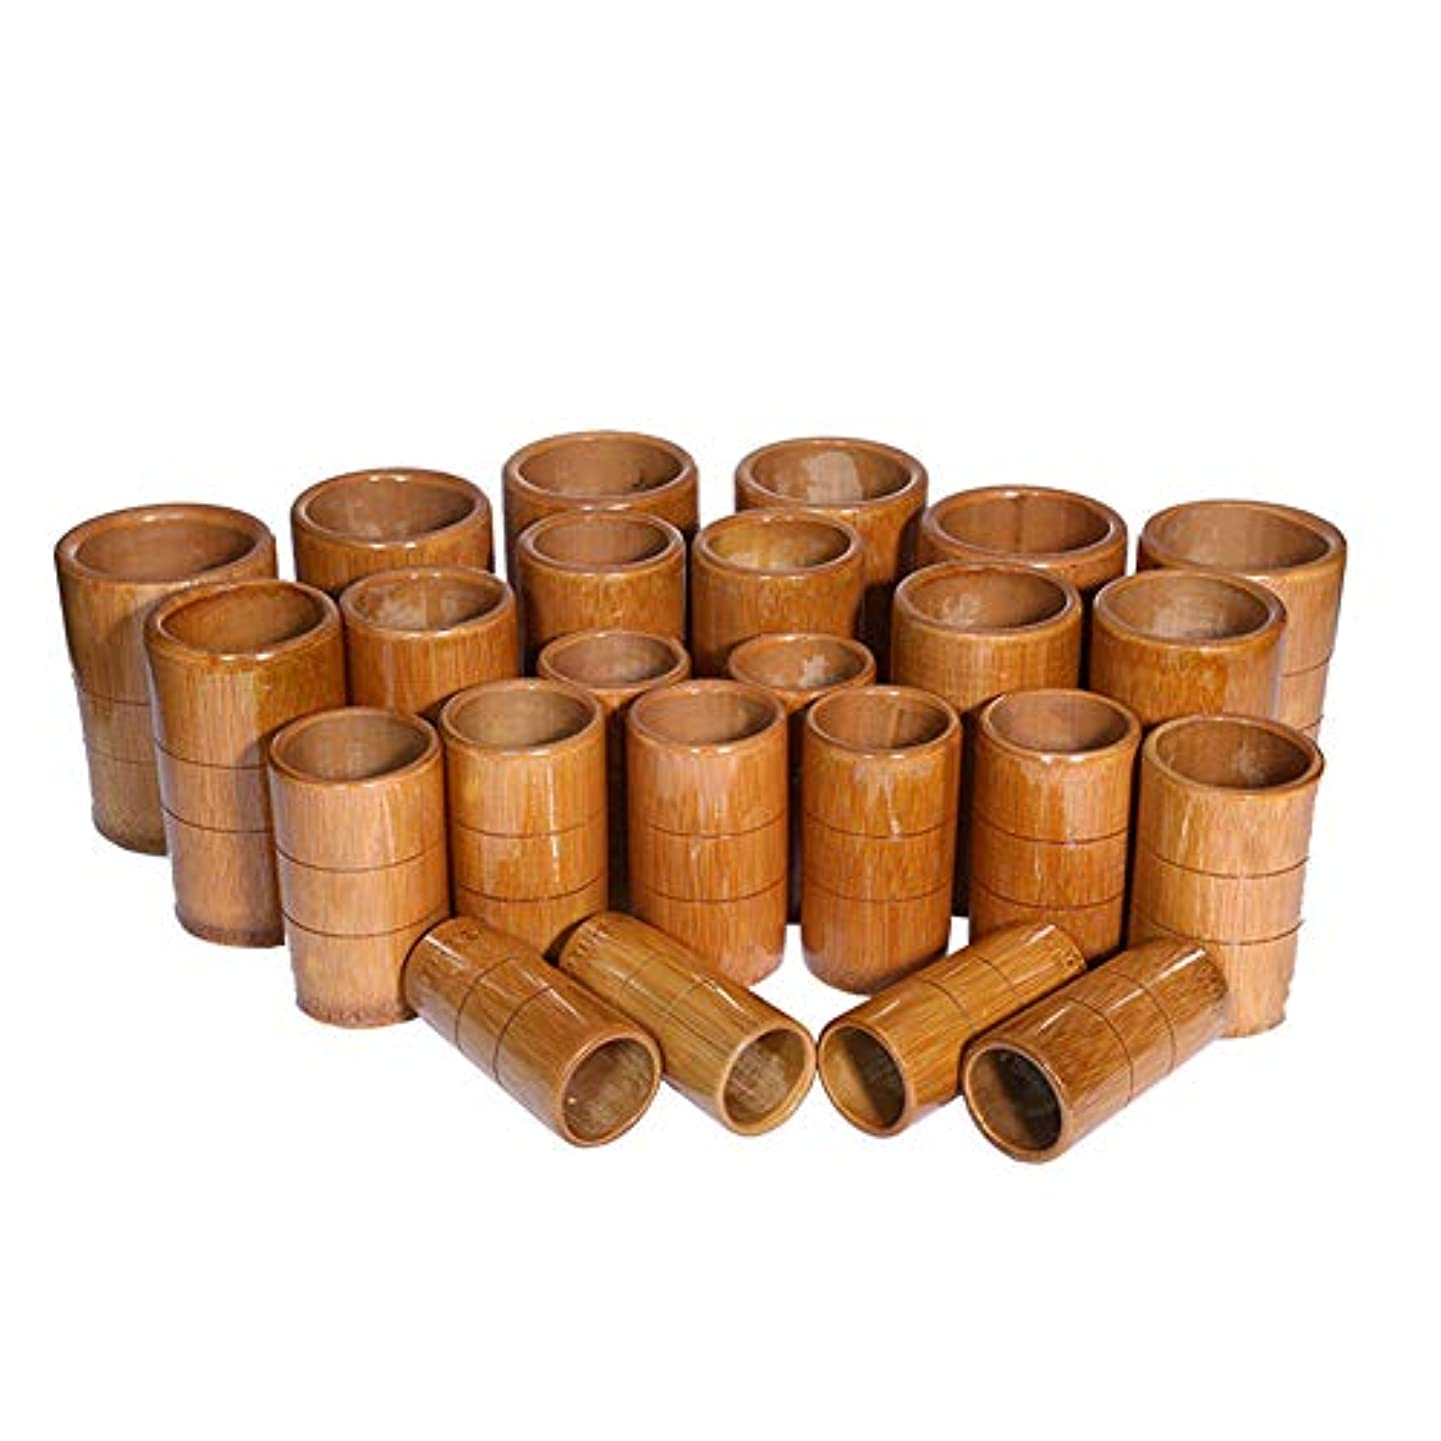 ラフレシアアルノルディ細菌無駄なカッピング竹療法セットマッサージ真空カップキット - 炭缶鍼灸医療吸引セット,A10pcs